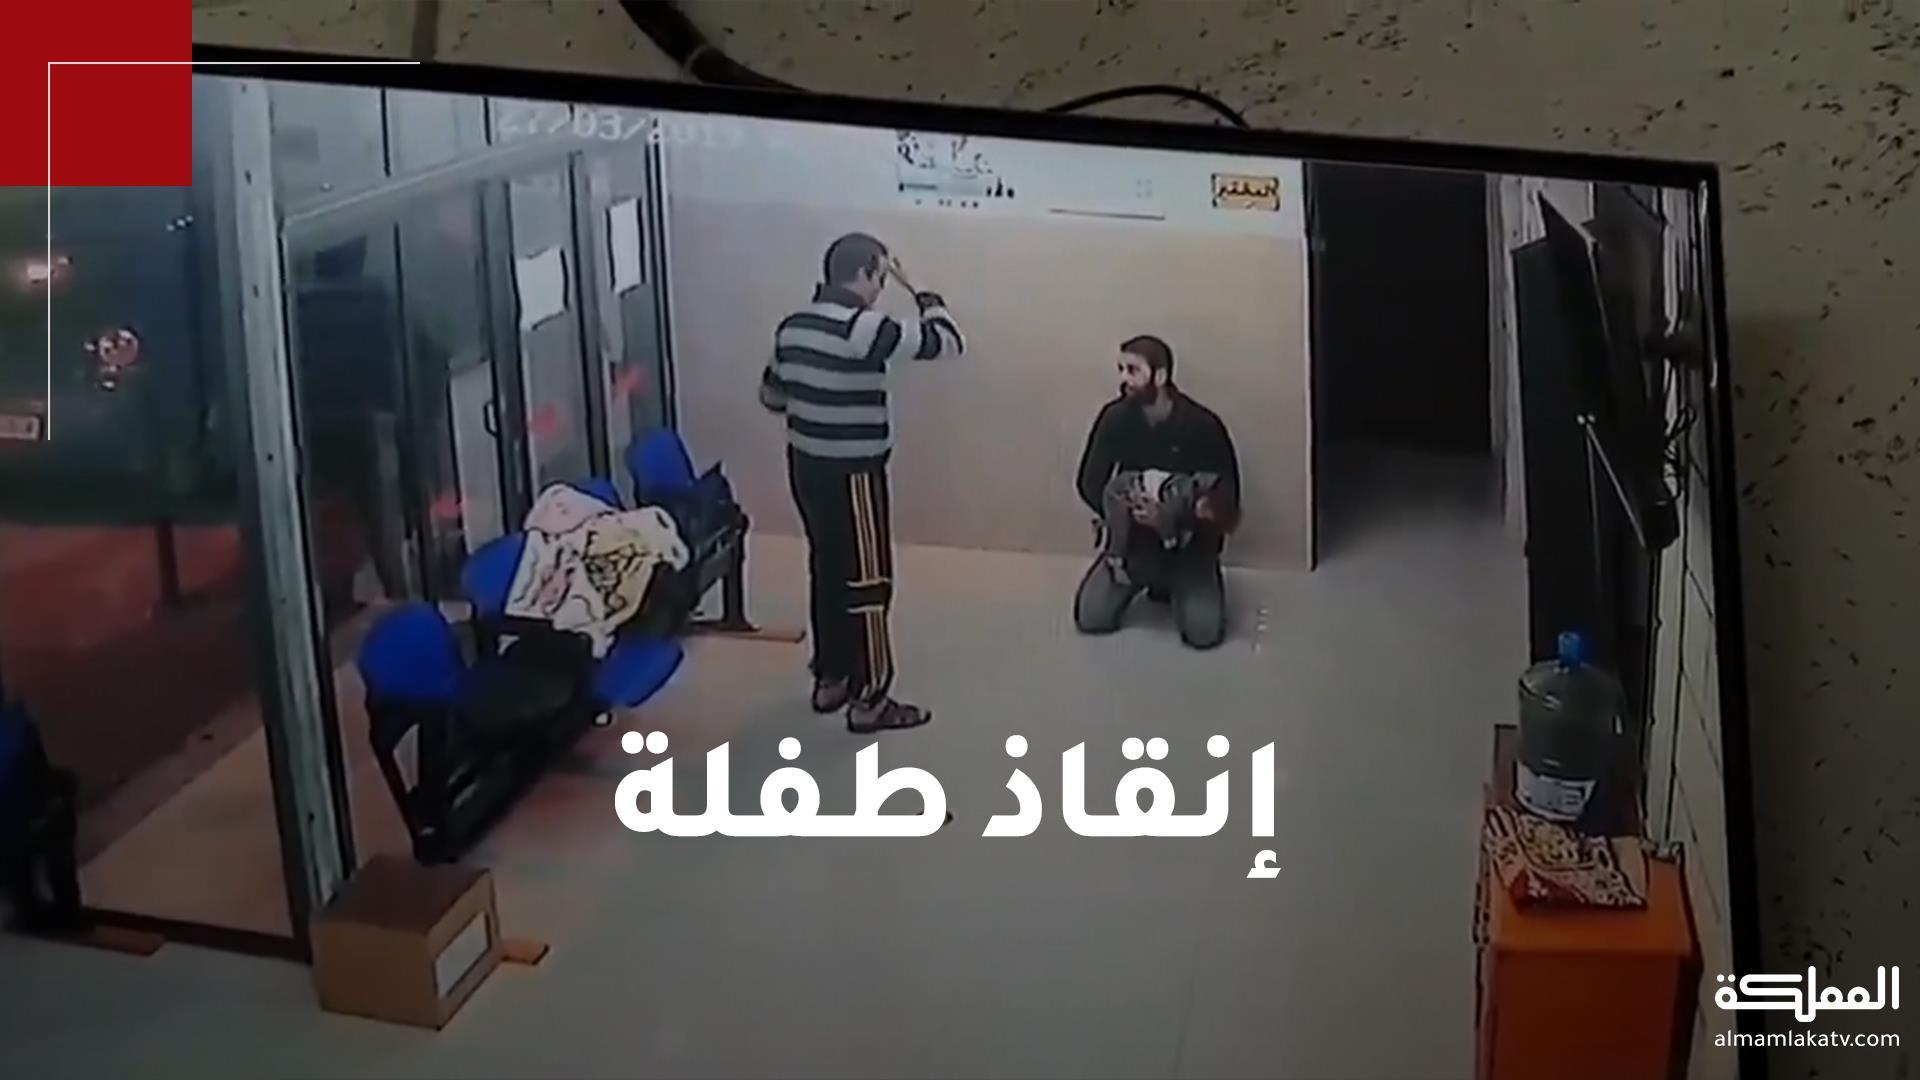 لحظات عصيبة.. طبيب فلسطيني يتغلب على صدمته وينقذ طفلة تعرضت للاختناق وسط انهيار والديها